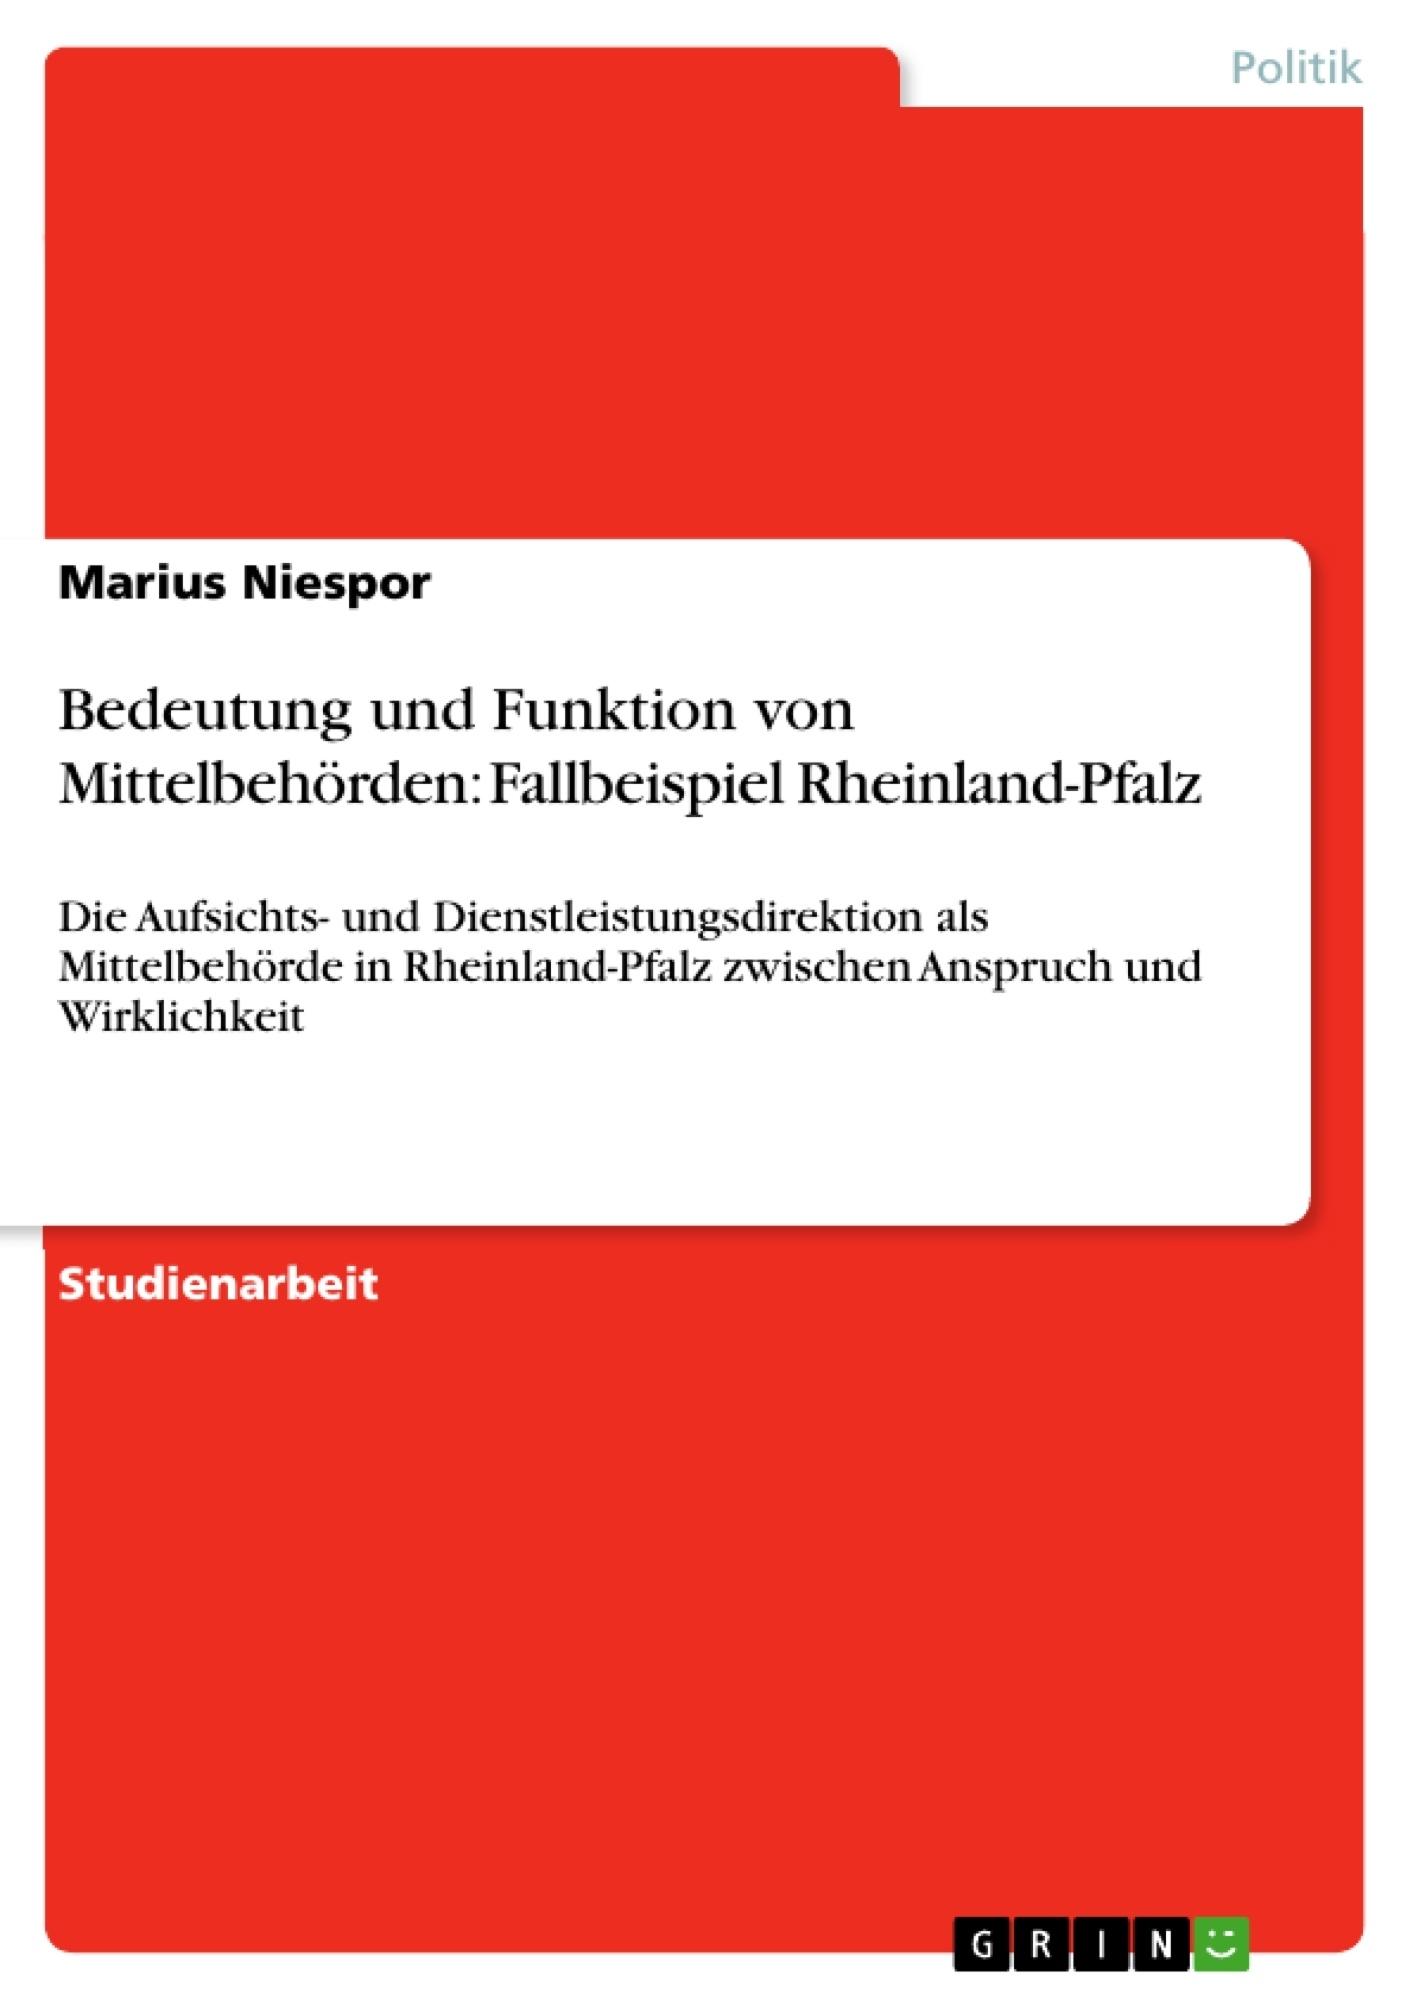 Titel: Bedeutung und Funktion von Mittelbehörden: Fallbeispiel Rheinland-Pfalz